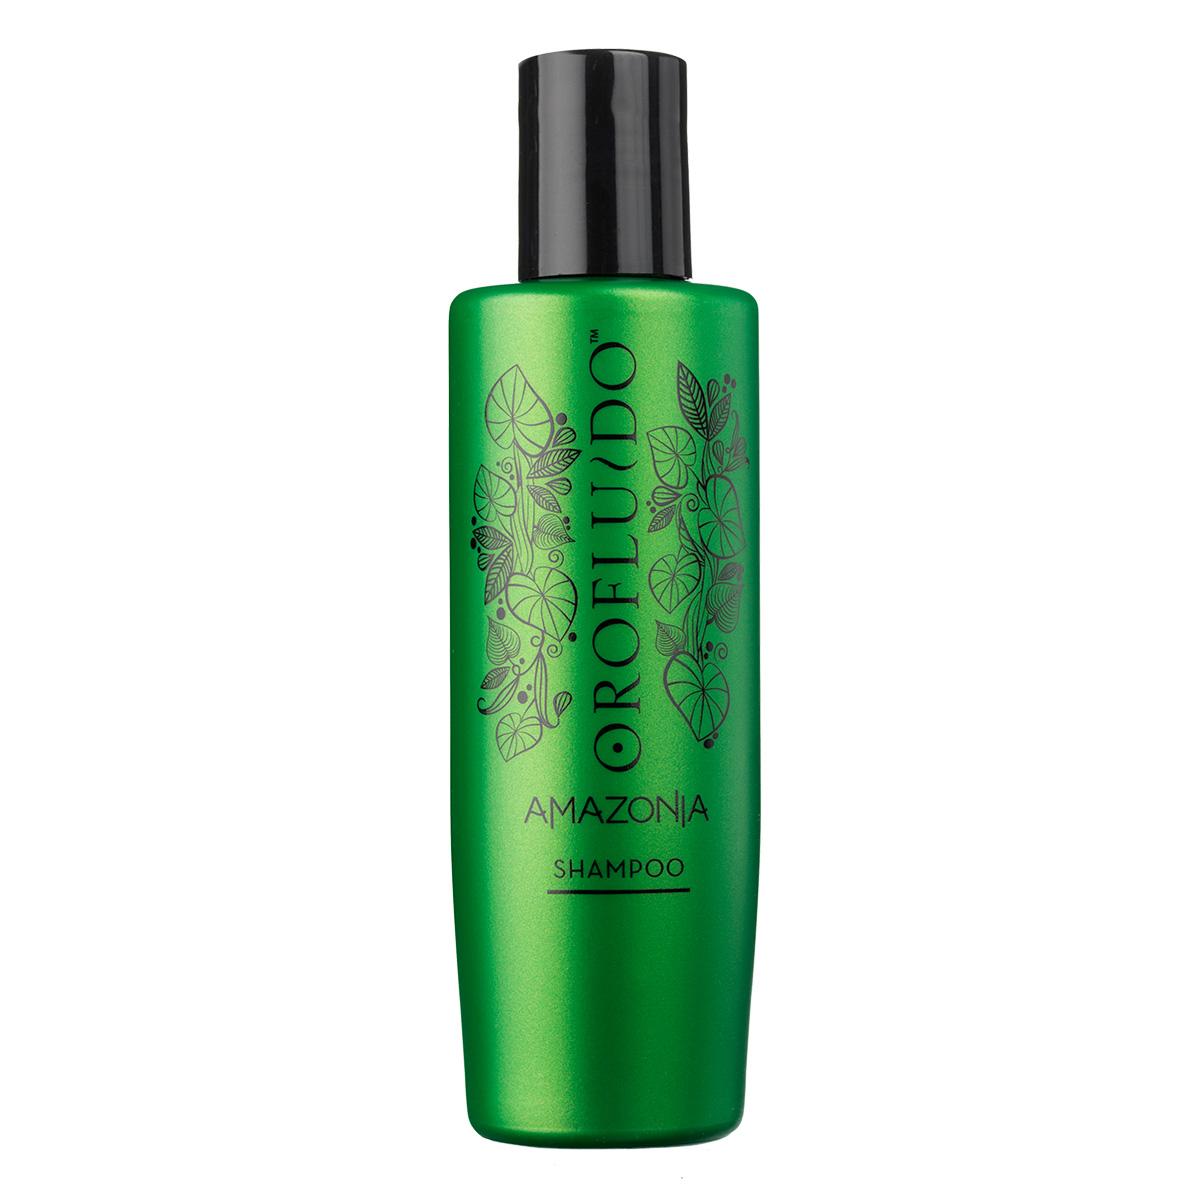 Billede af Orofluido Amazonia Shampoo - 200 ml